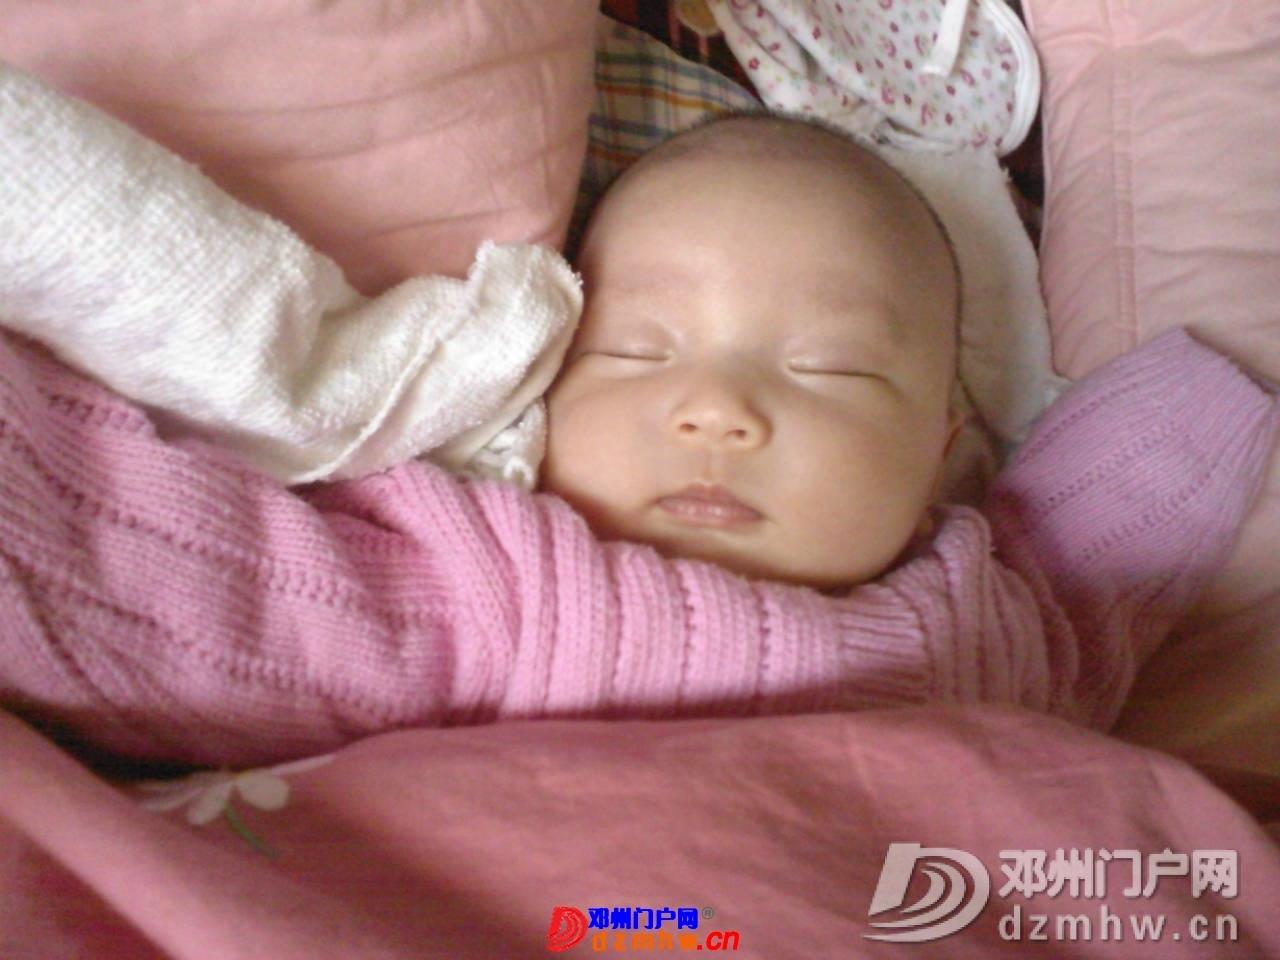 我的宝宝四十六天了,来晒一晒,看谁认识,呵呵 - 邓州门户网|邓州网 - 1e03a2cqfb4c.jpg